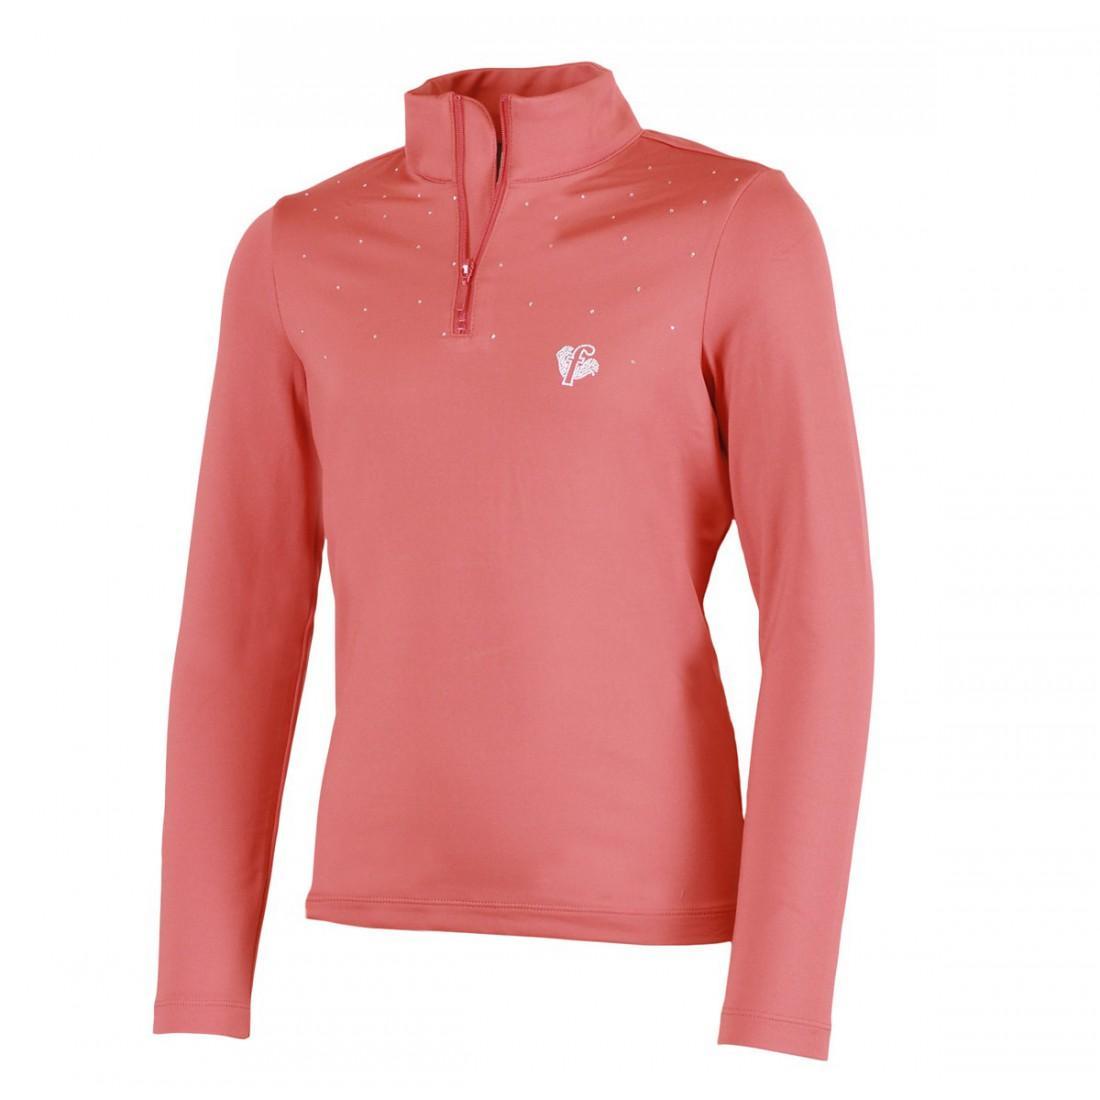 Свитер детск. J0102 JERKСвитеры<br><br> Теплый свитер для девочек Jerk от компании Fusalp будет уместен и на прогулке, и на уроке в школе, и на соревновании горнолыжников. Оригинальные узоры из страз и металлическая отделка делают модель женственной, элегантной и поистине универсальной.<br>...<br><br>Цвет: Алый<br>Размер: 4